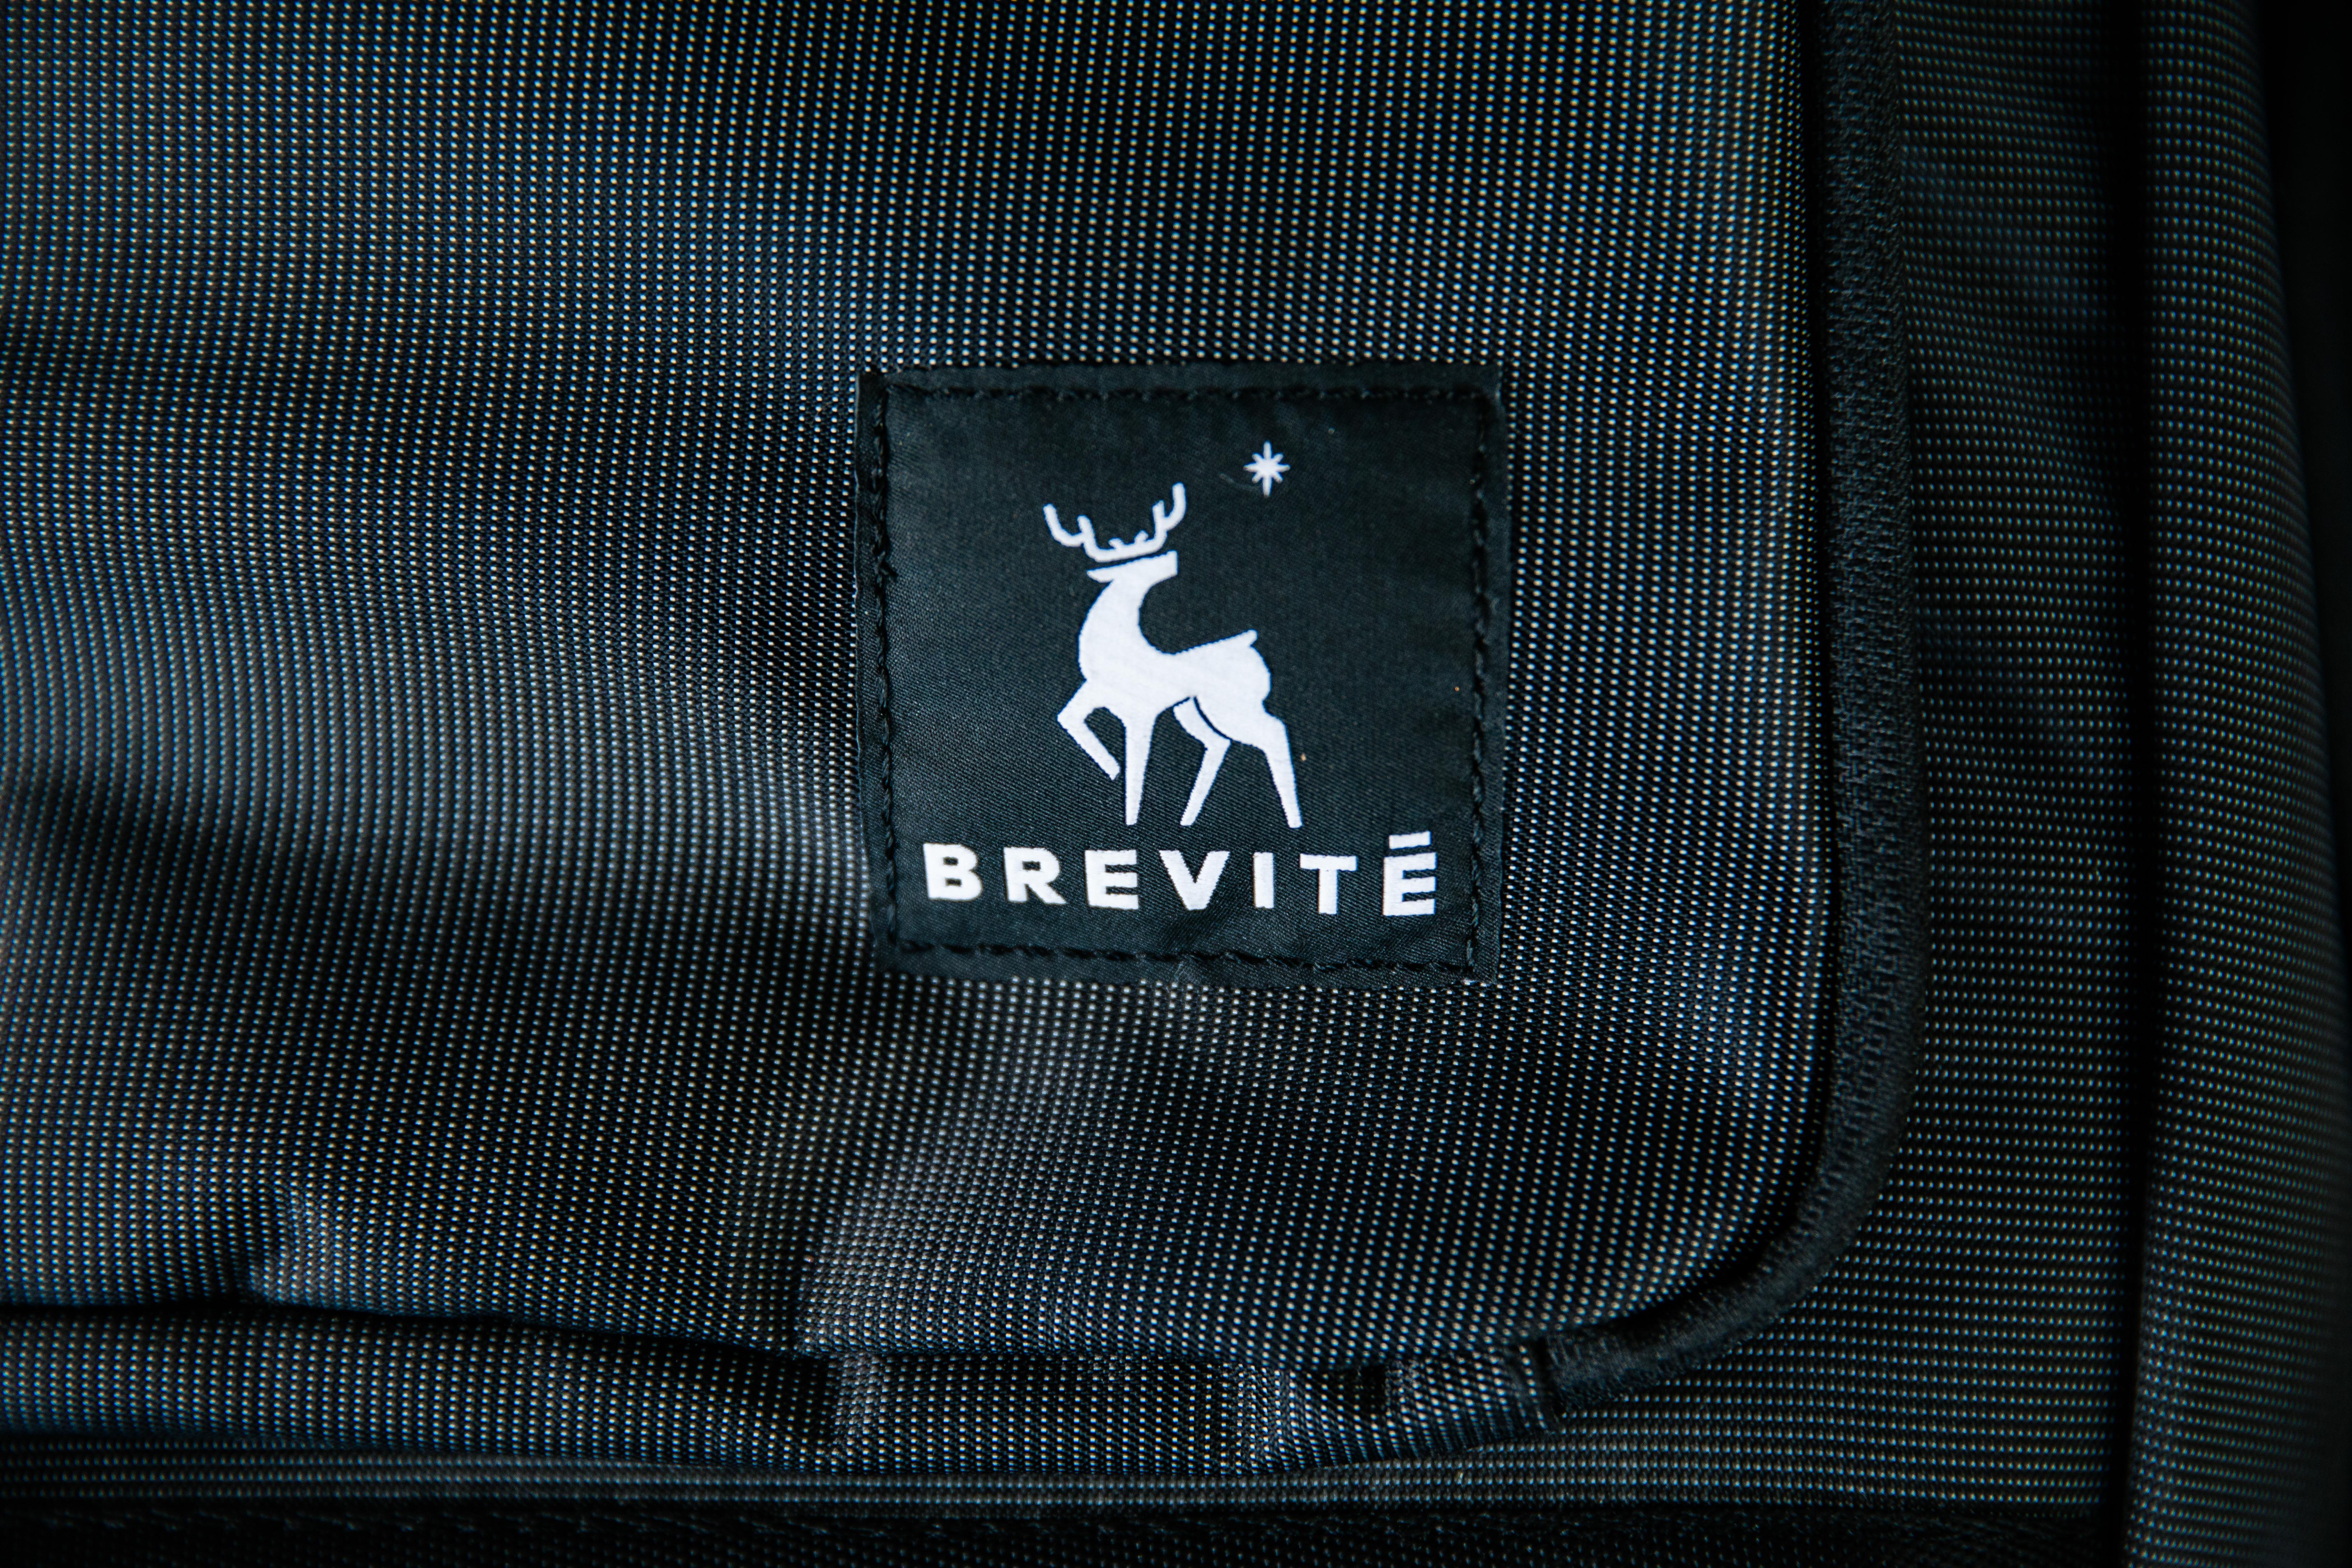 Brevite Branding